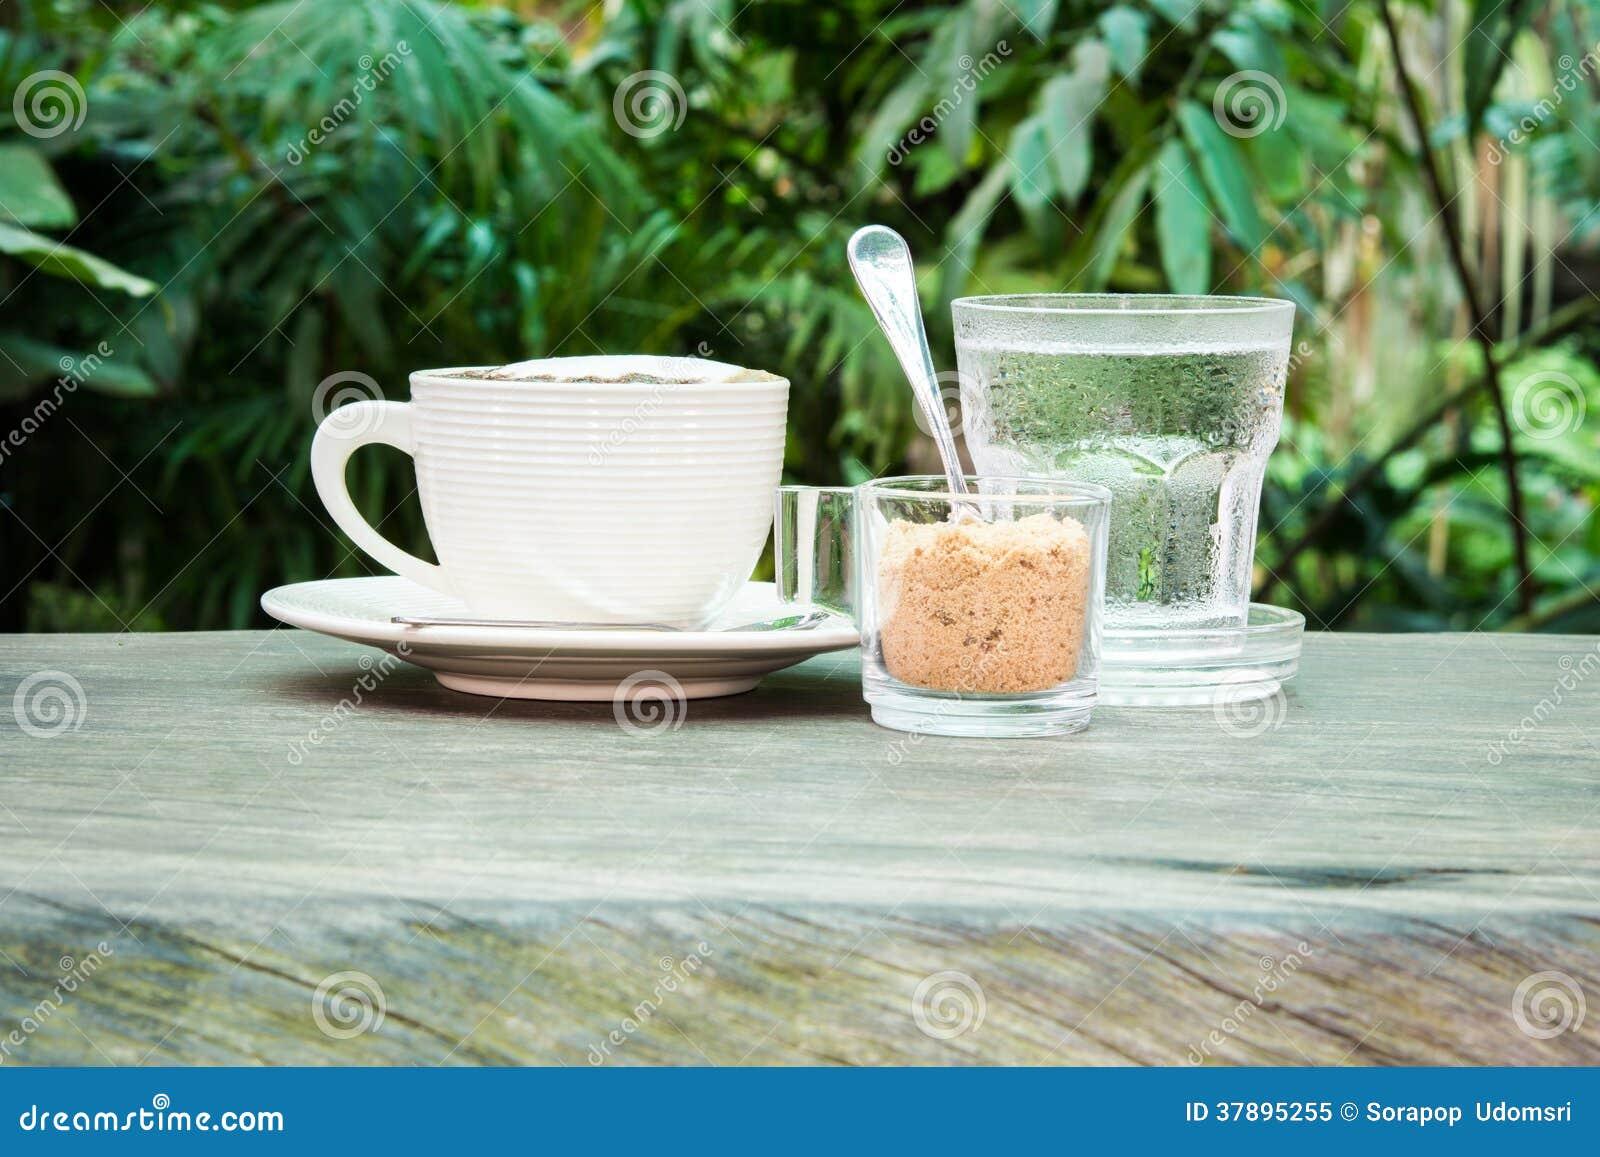 Tasse blanche de sucre de café, de l eau et de canne